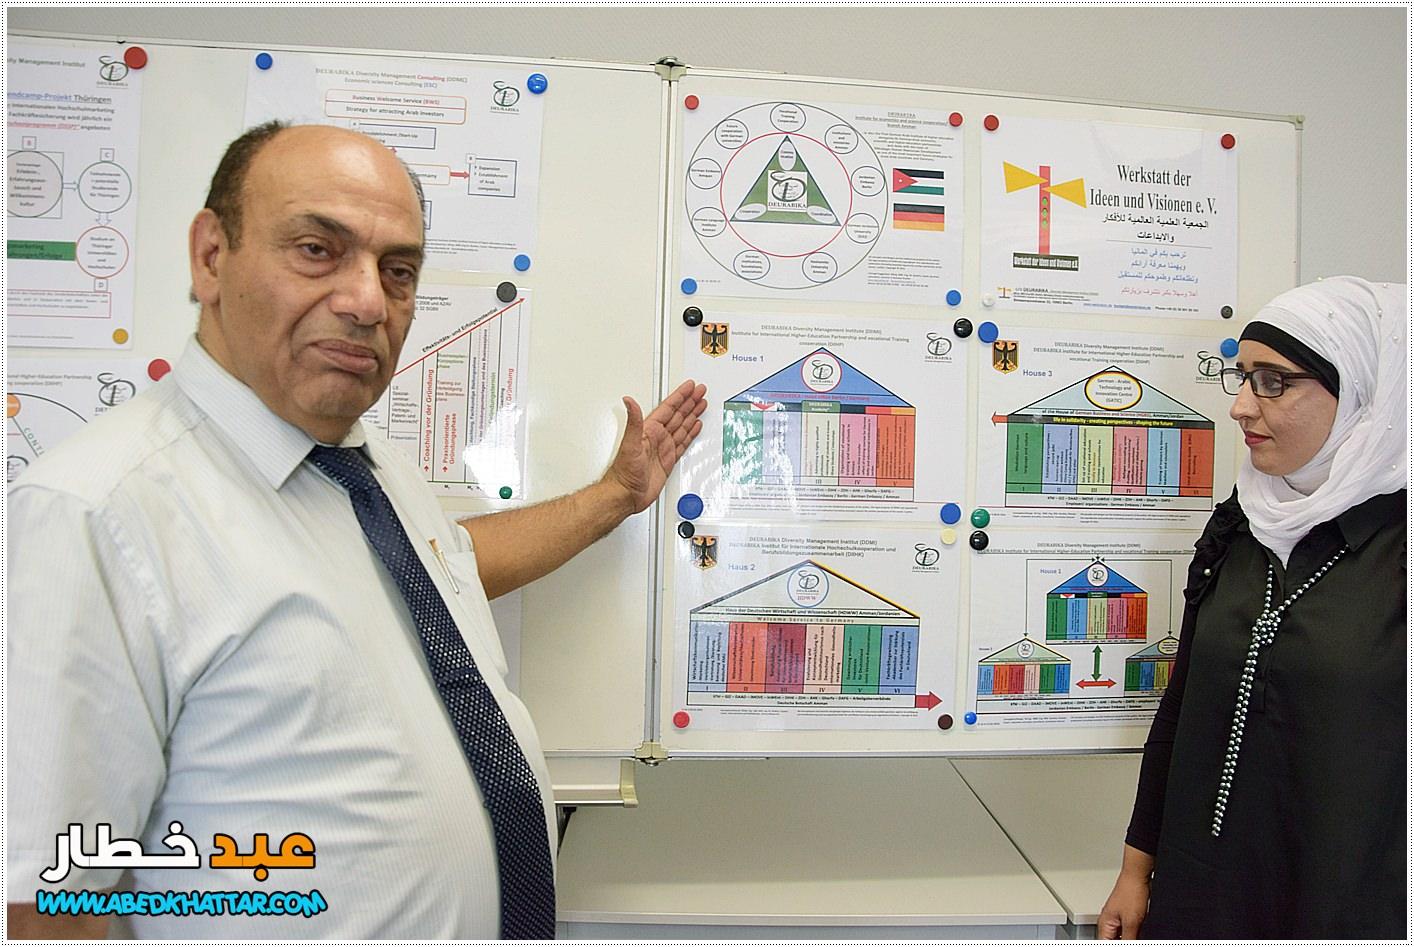 عميد معهد العلوم والاستشارات الاقتصادية العربية الالمانية المهندس محمود ابراهيم - ابو العز